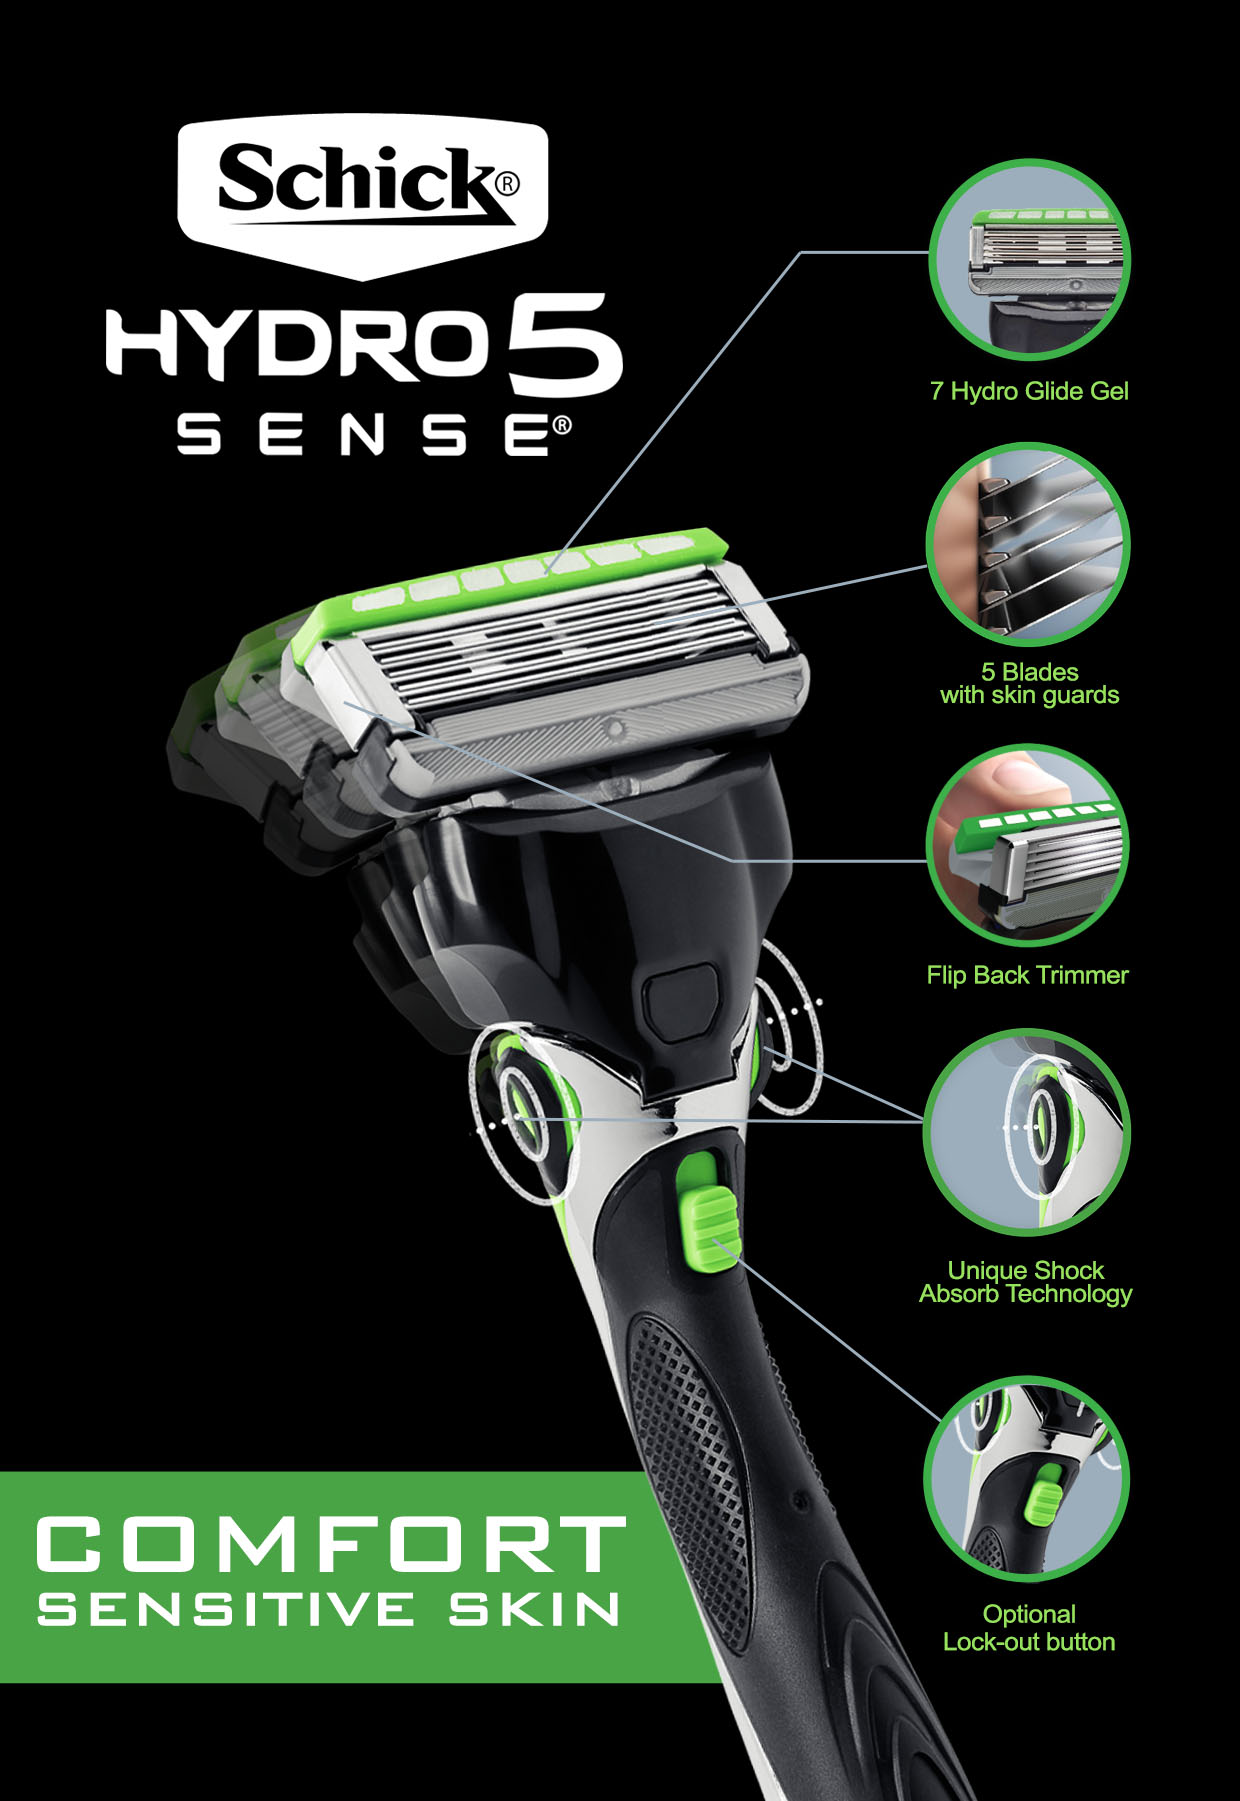 Hydro5 Press Photo1